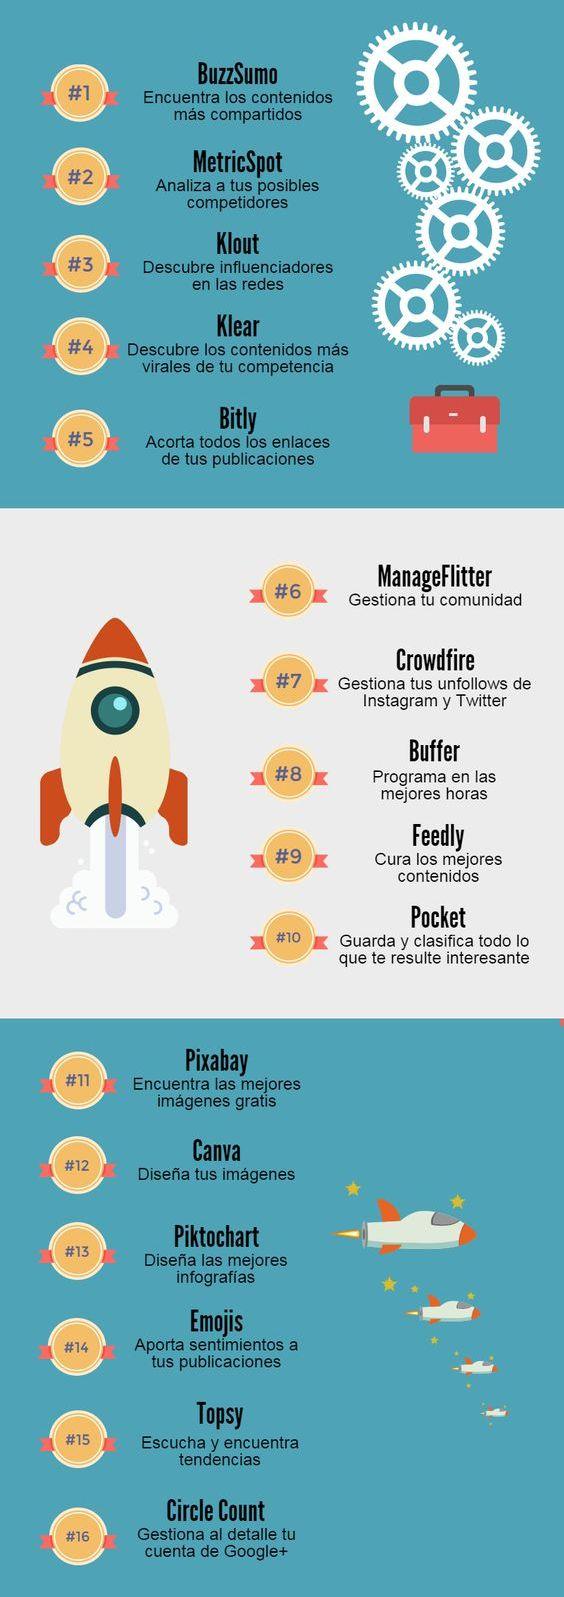 herramientas-gestionar-redes-sociales-infografia